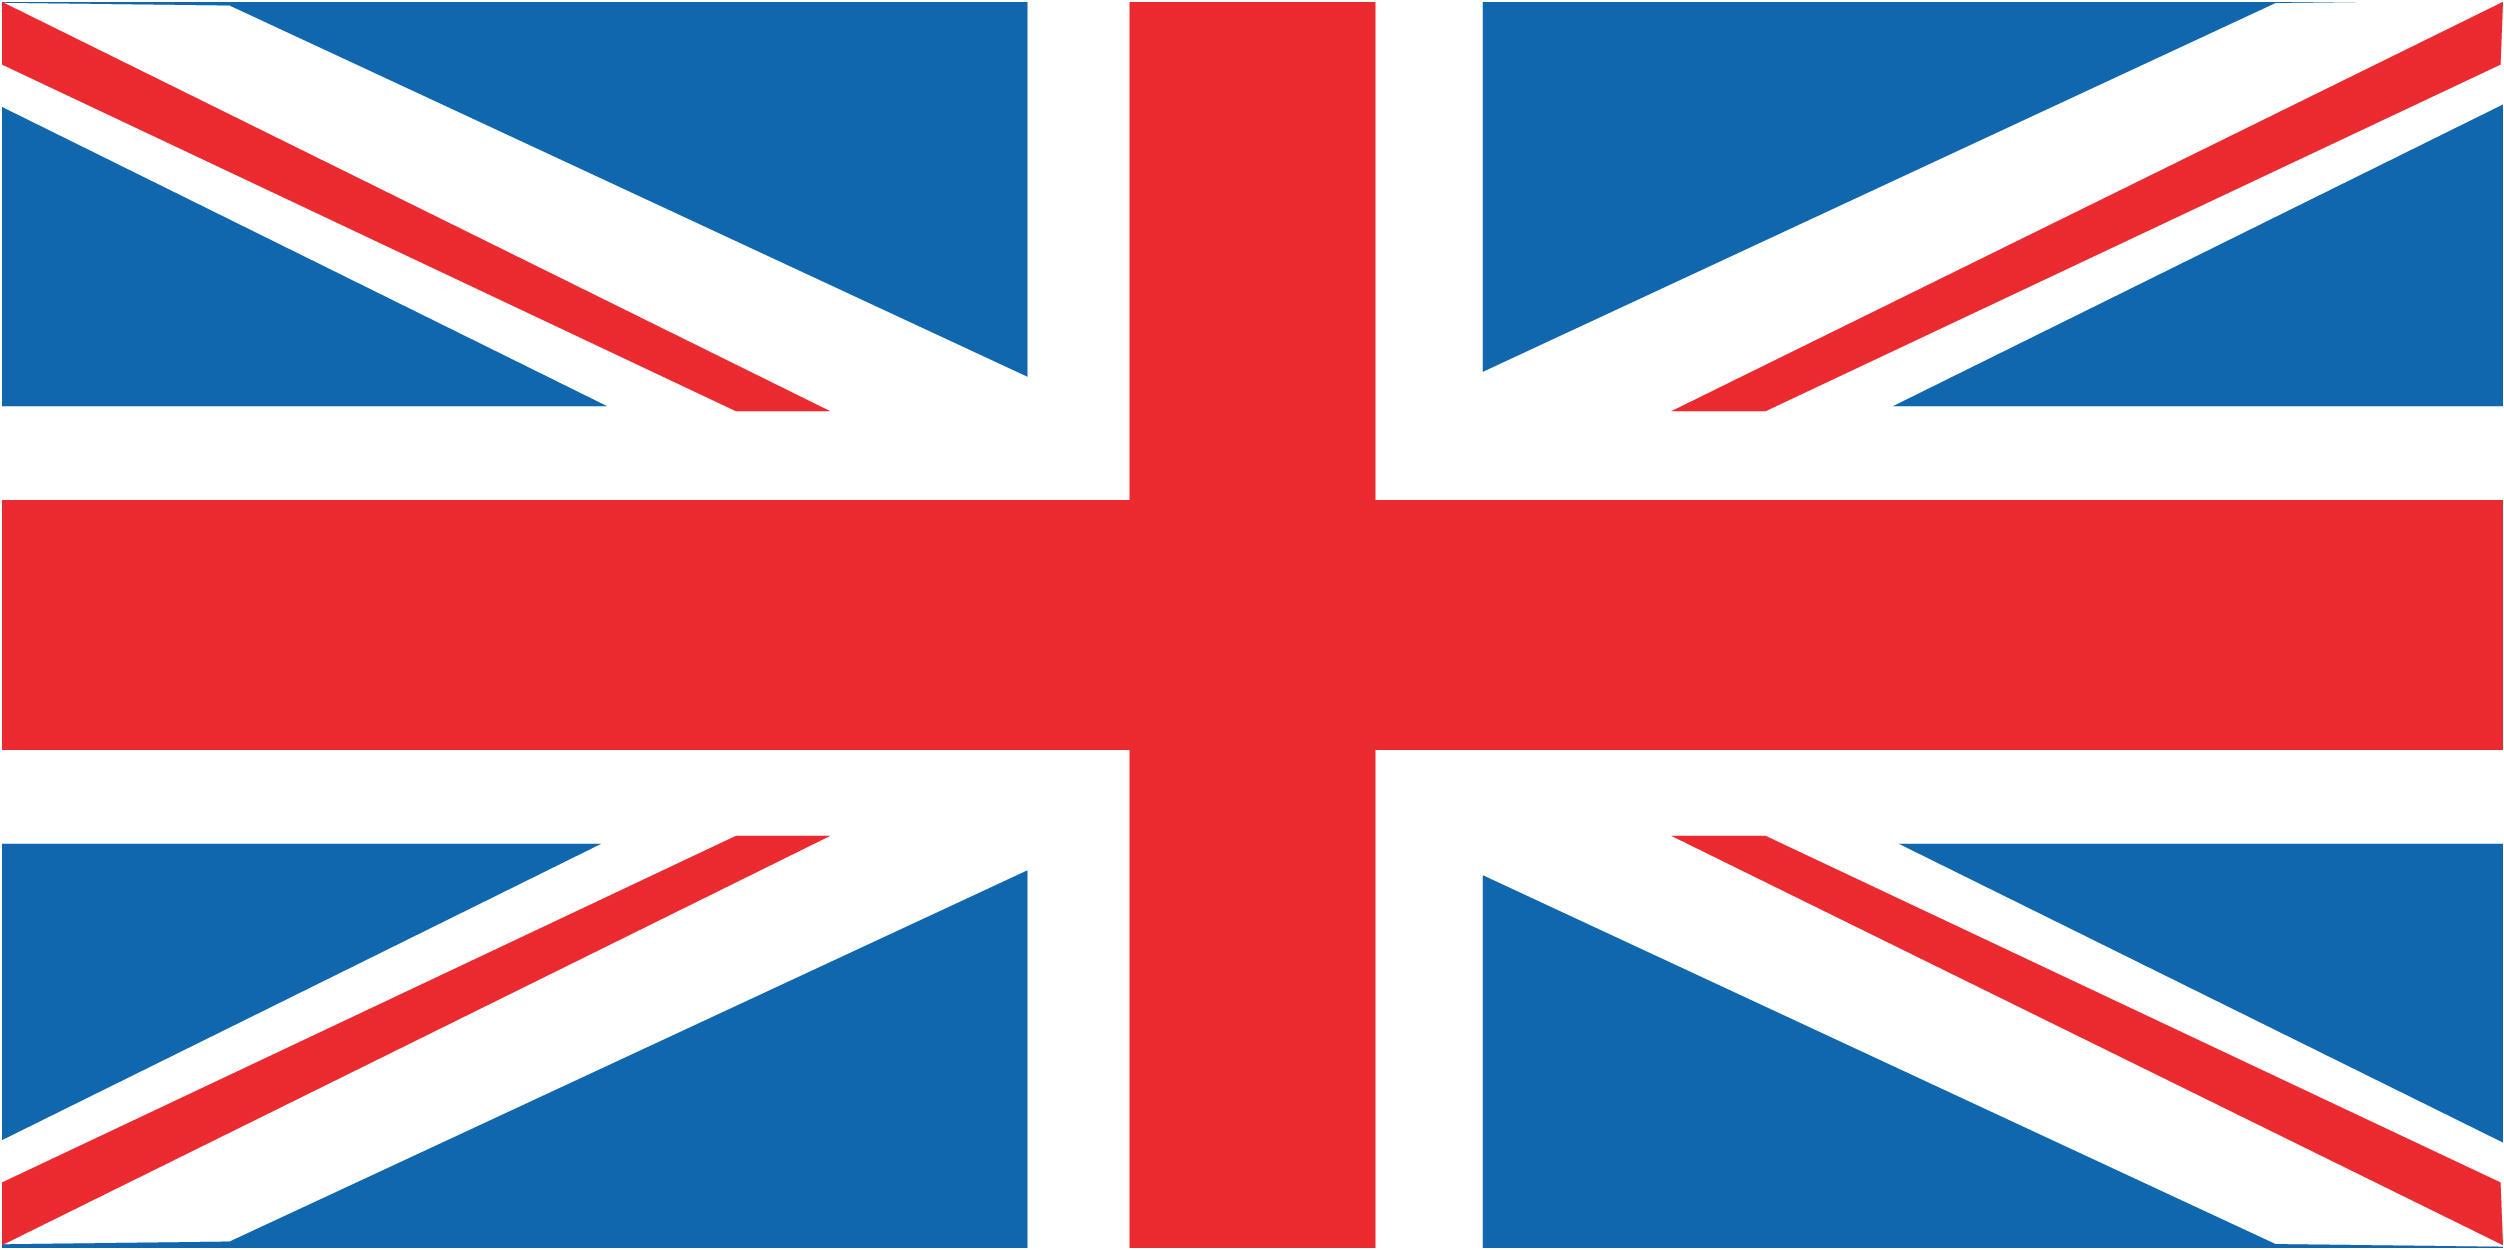 British Vector Flag by Poorartman on DeviantArt